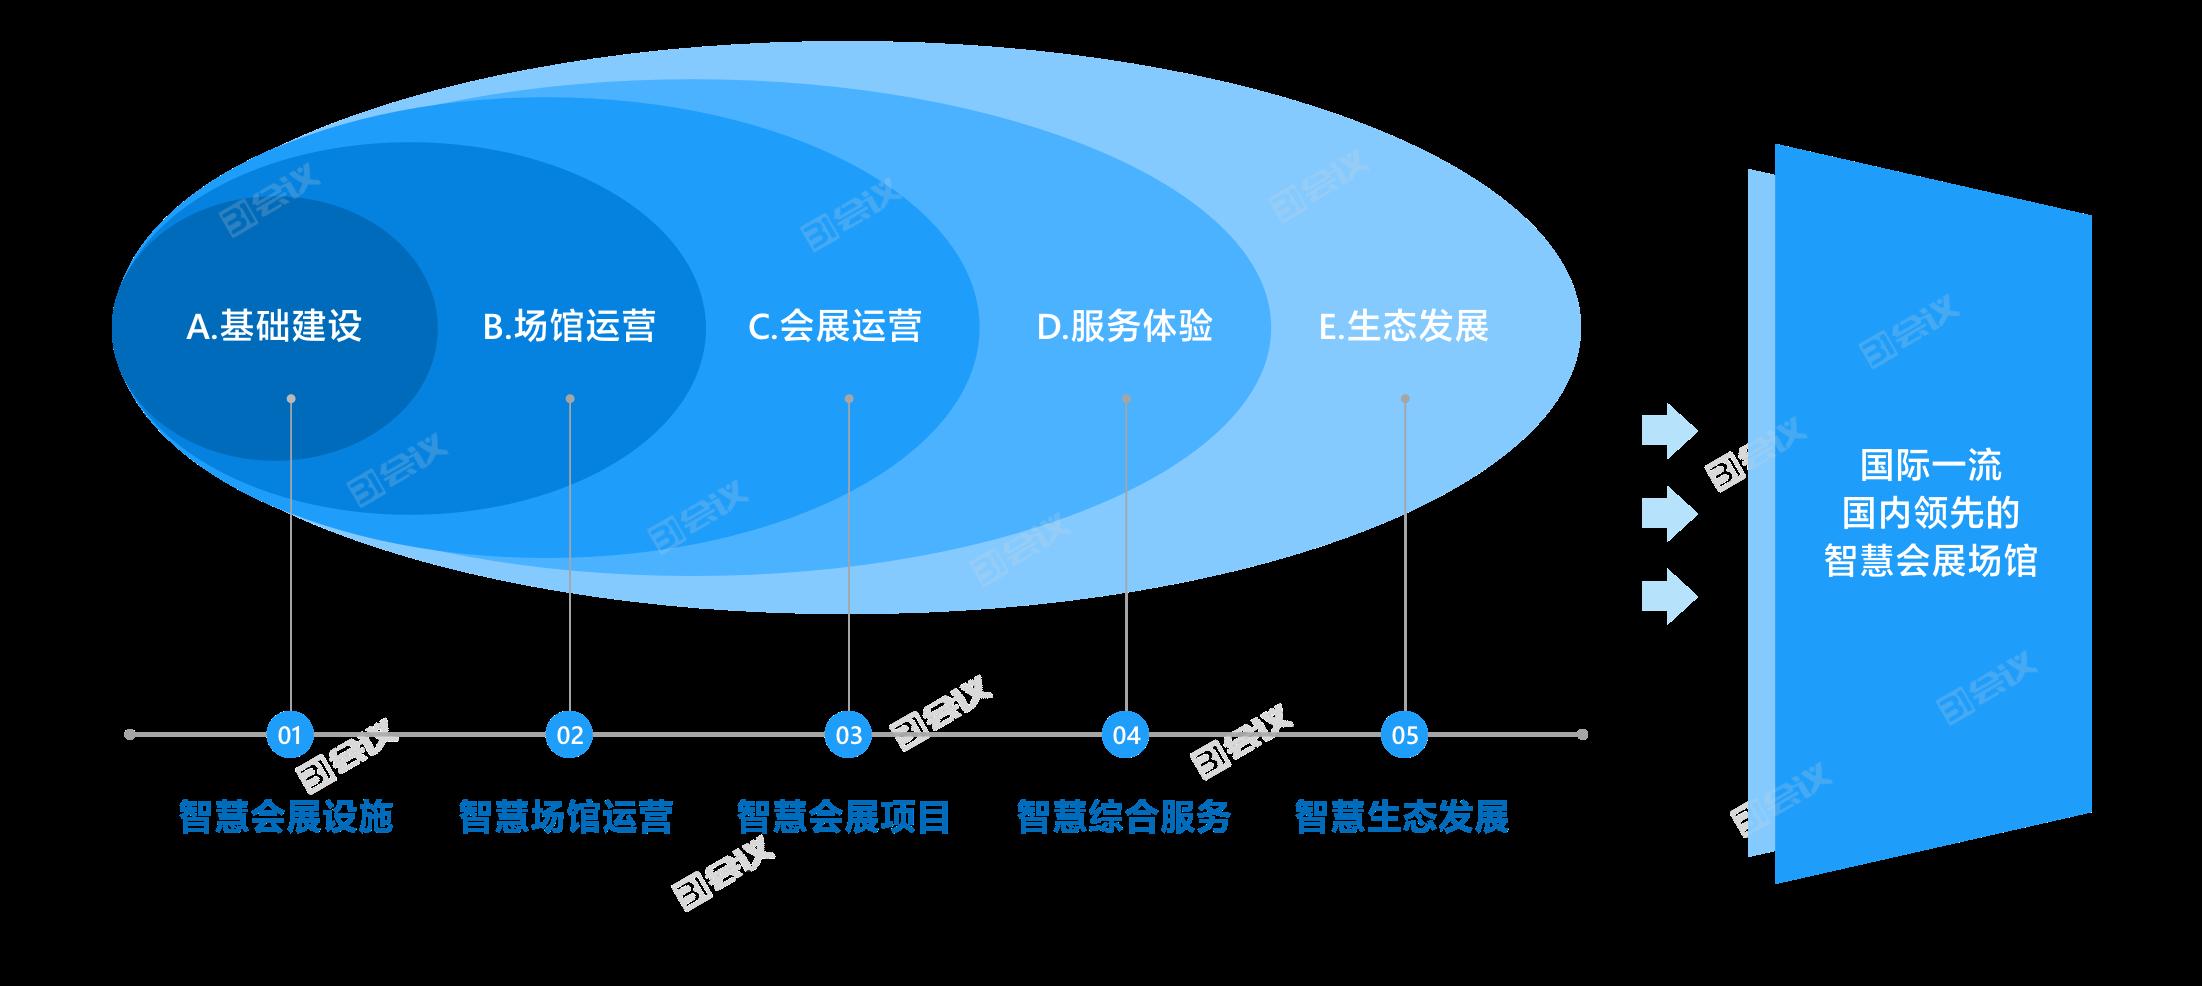 01-蓝图.png